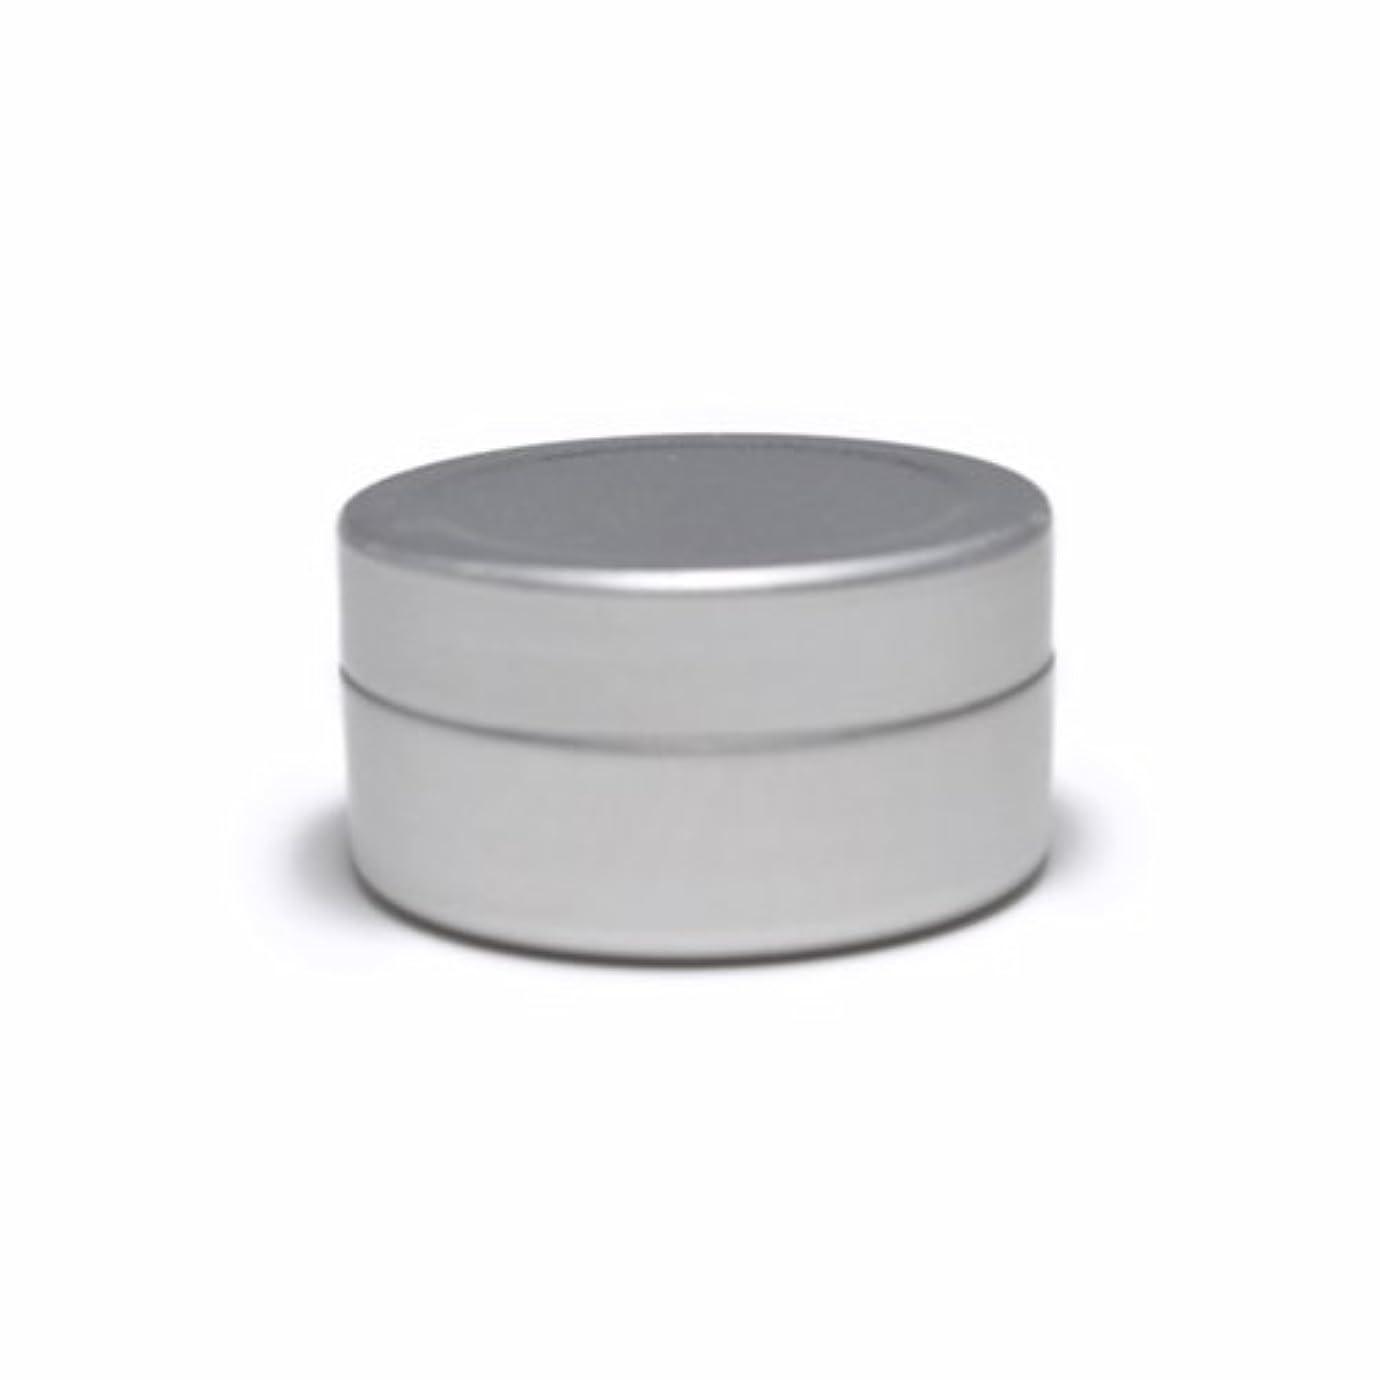 成熟印象派おびえたアルミ 小さいメンタム缶 10g アルミ製 携帯缶 アルミ缶 保存容器 手作りコスメ